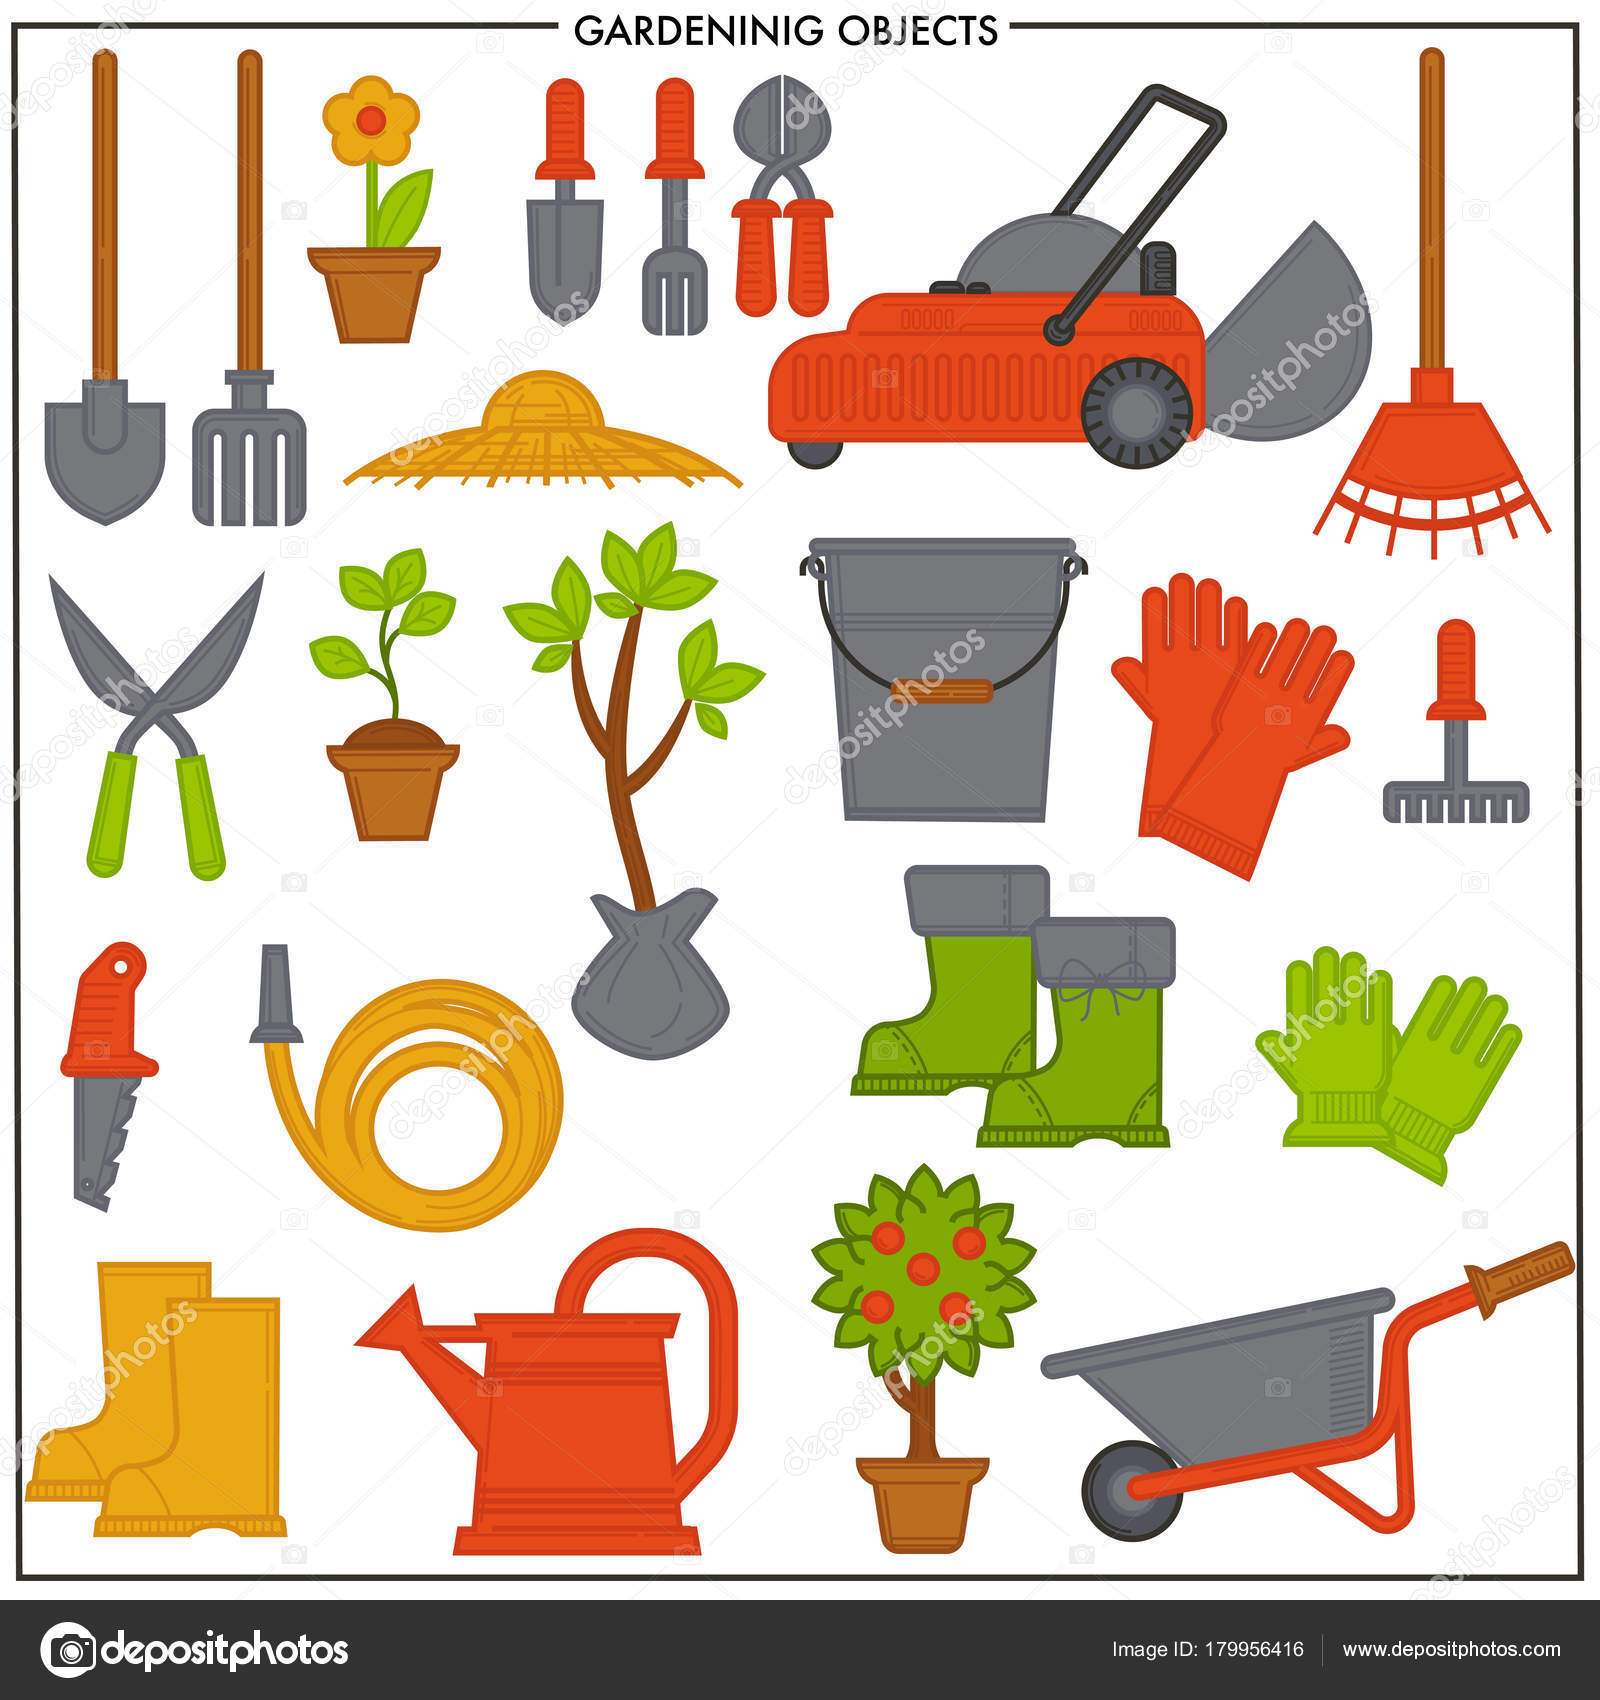 conjunto objetos jardiner a compuesto por herramientas